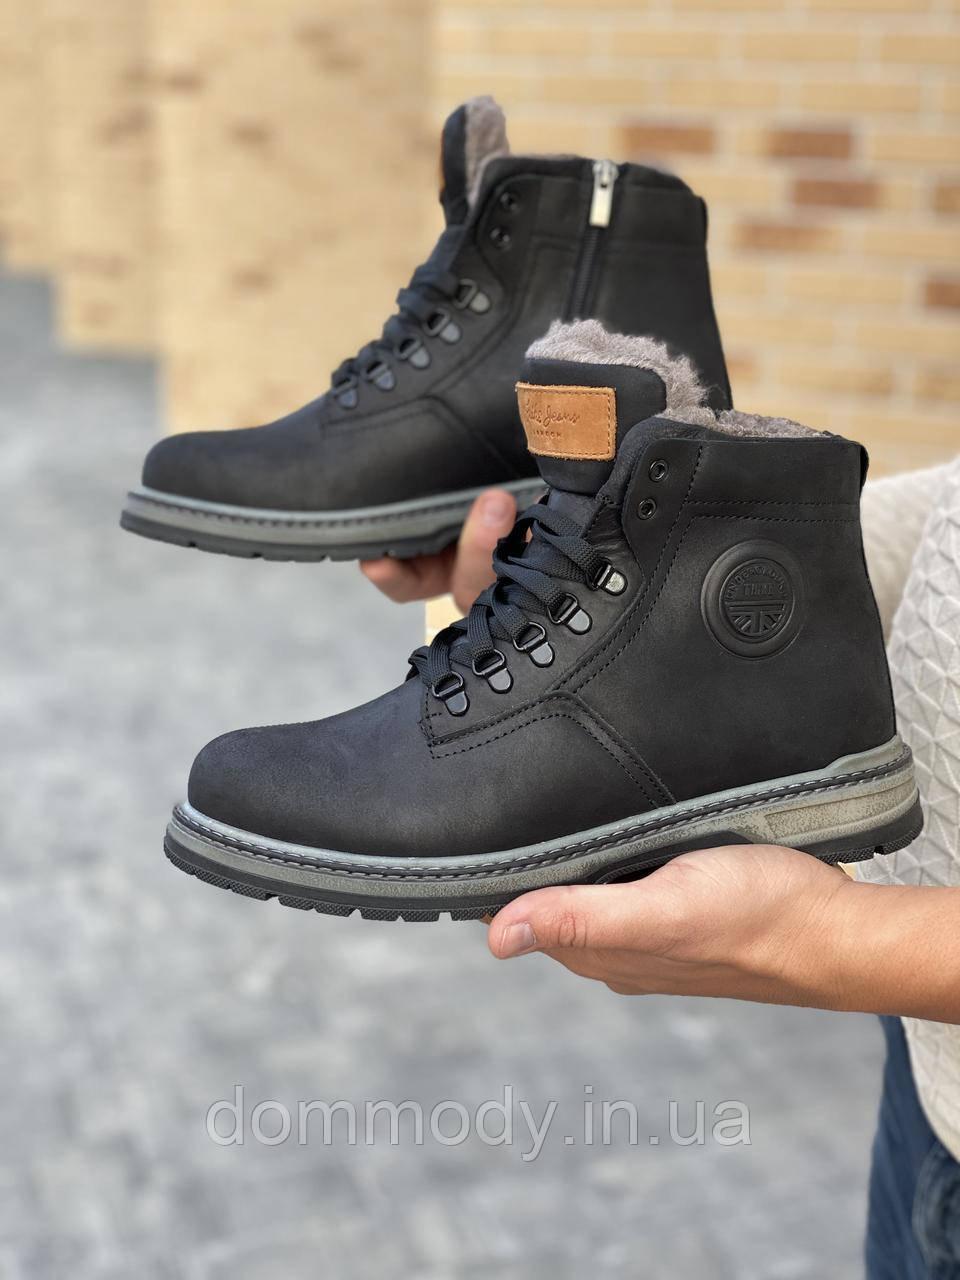 Ботинки мужские Trek зимние